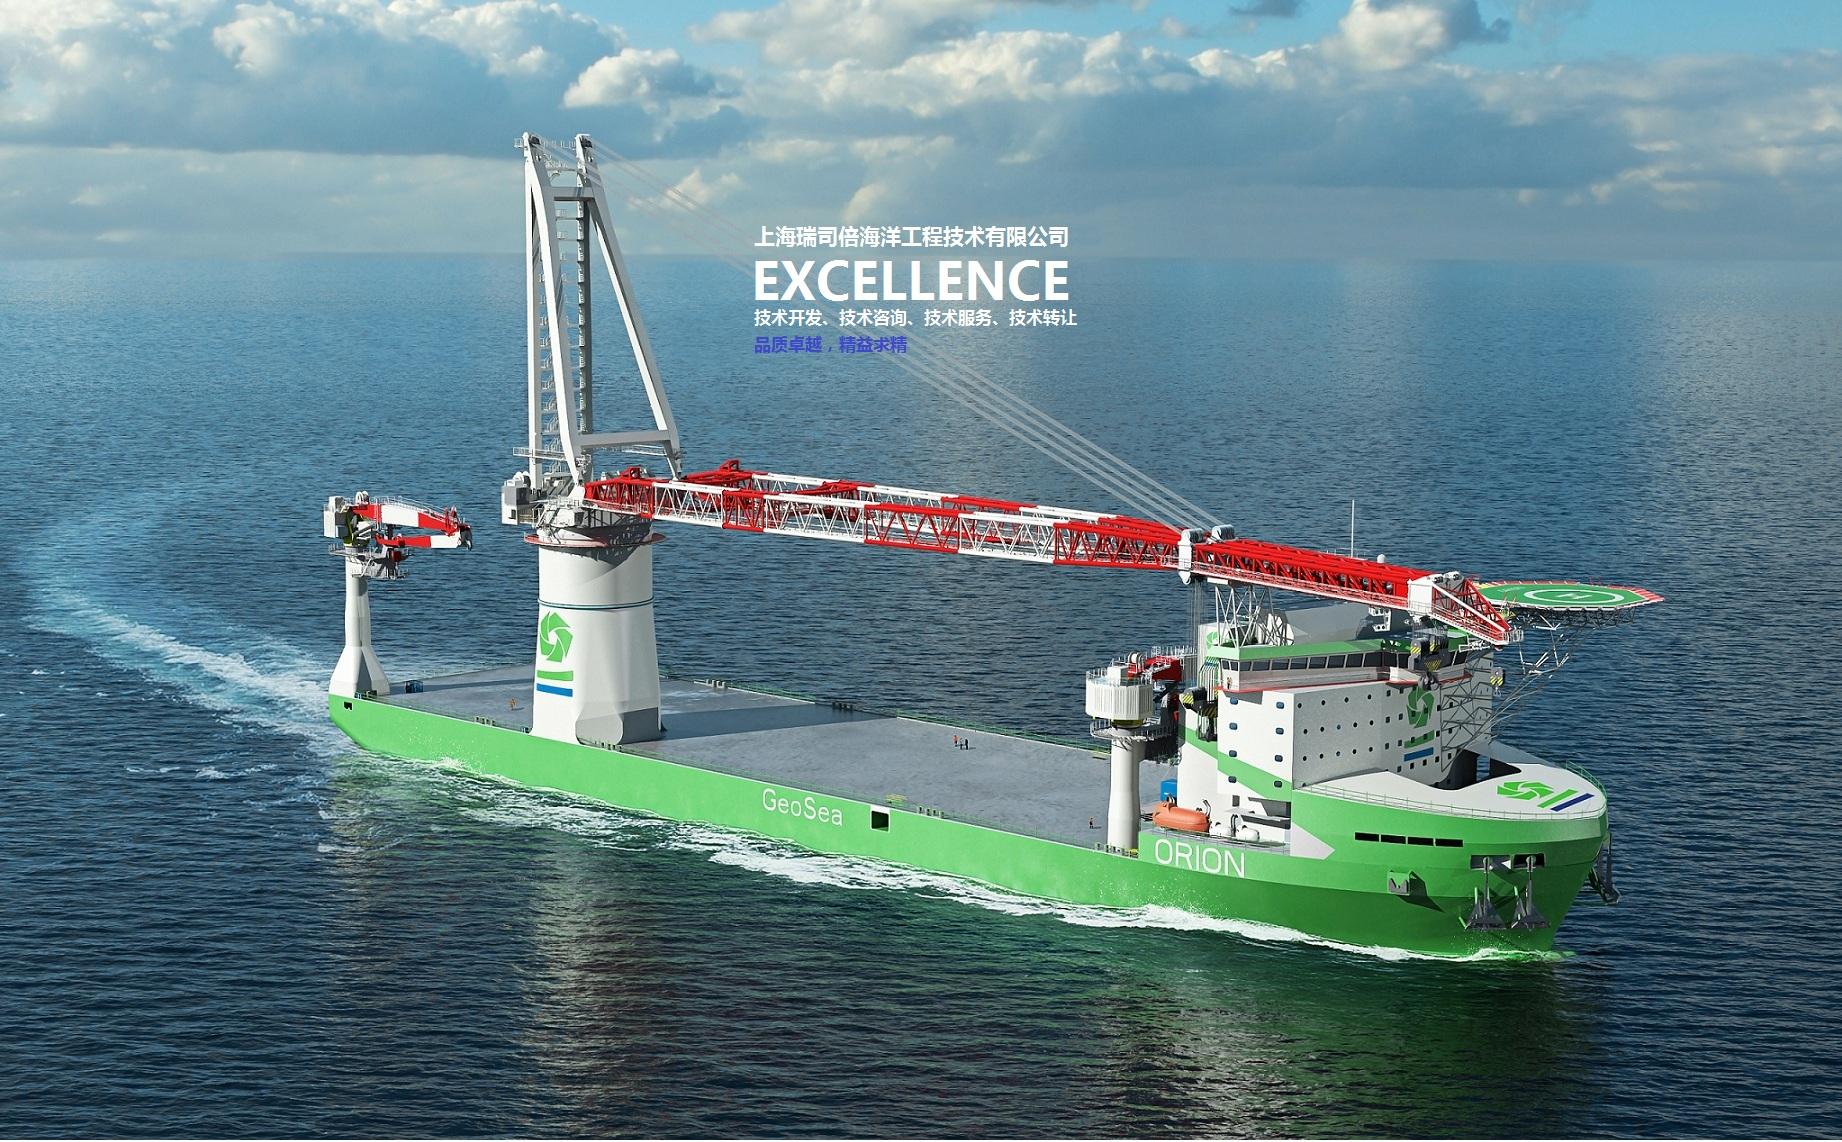 上海船舶设计